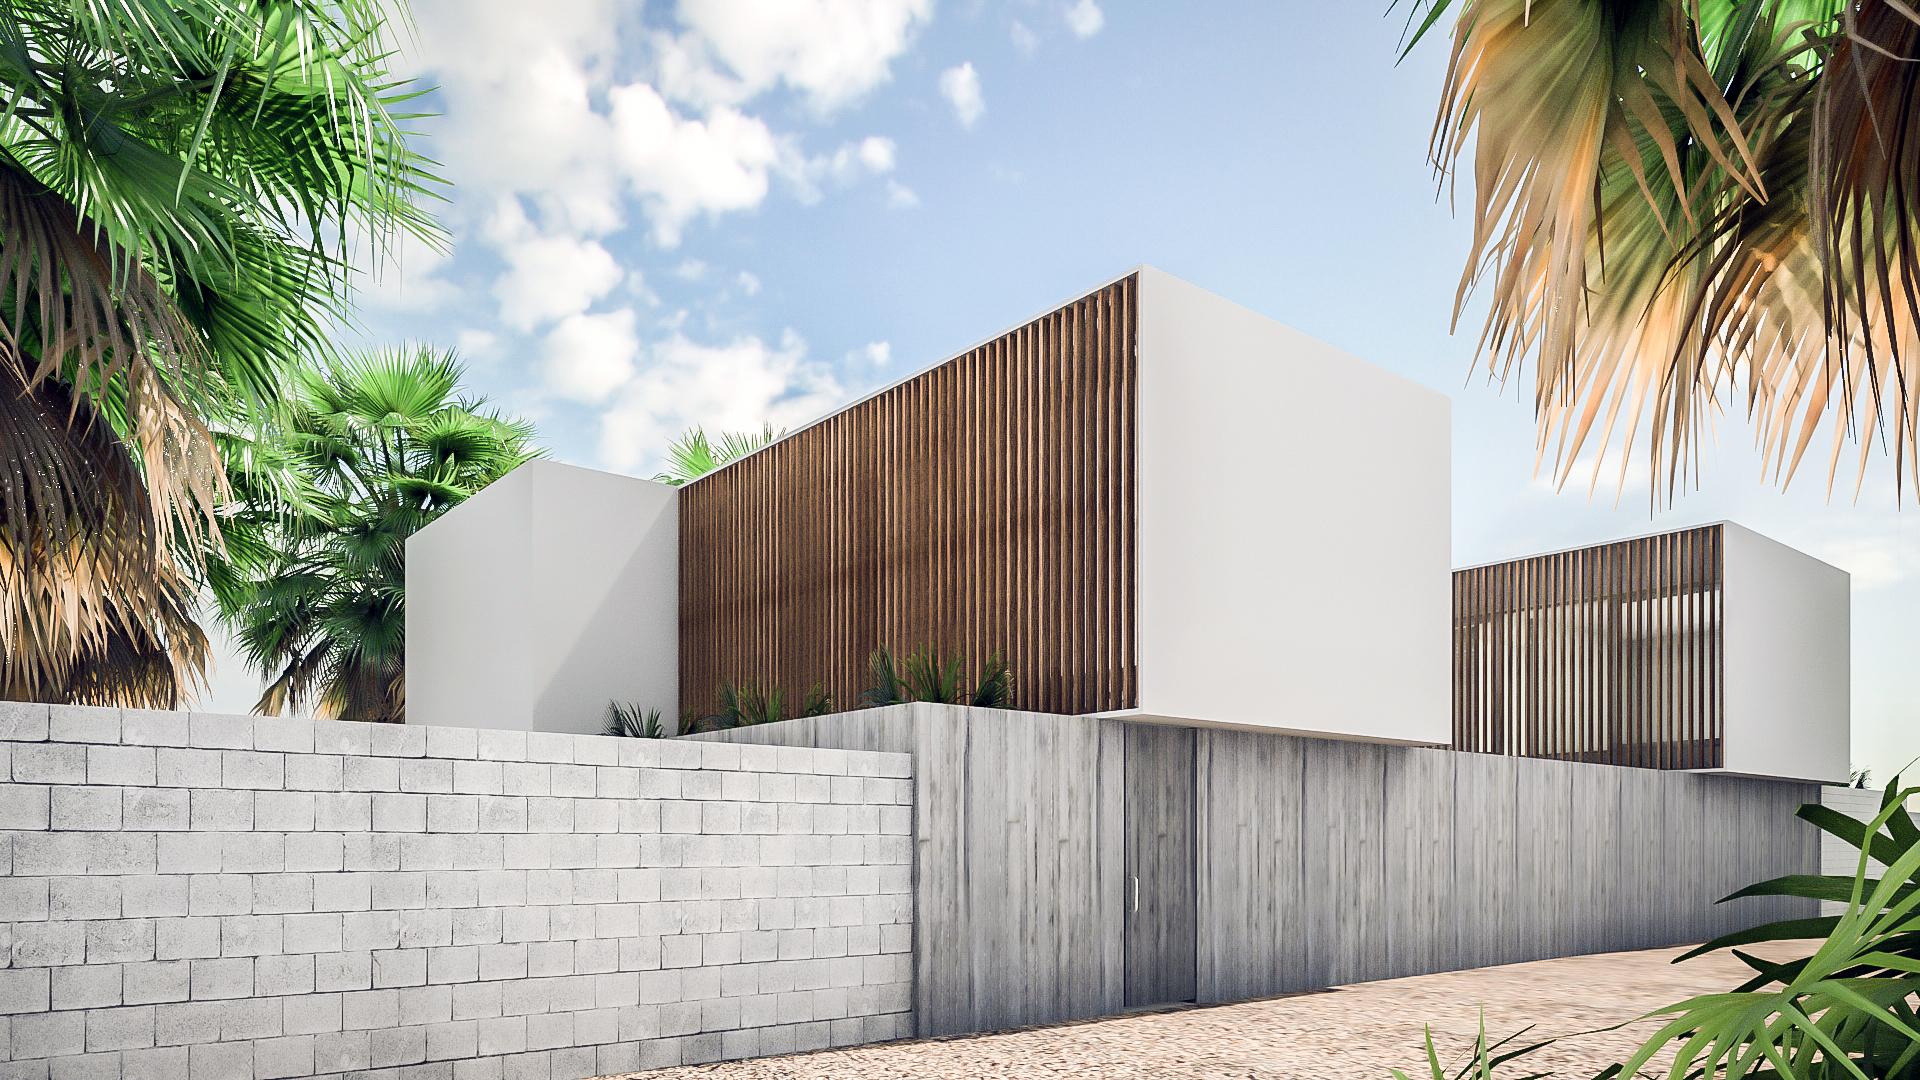 39 nederlands 39 ontwerp voor woonhuis in colombia - Luifel ontwerp voor patio ...